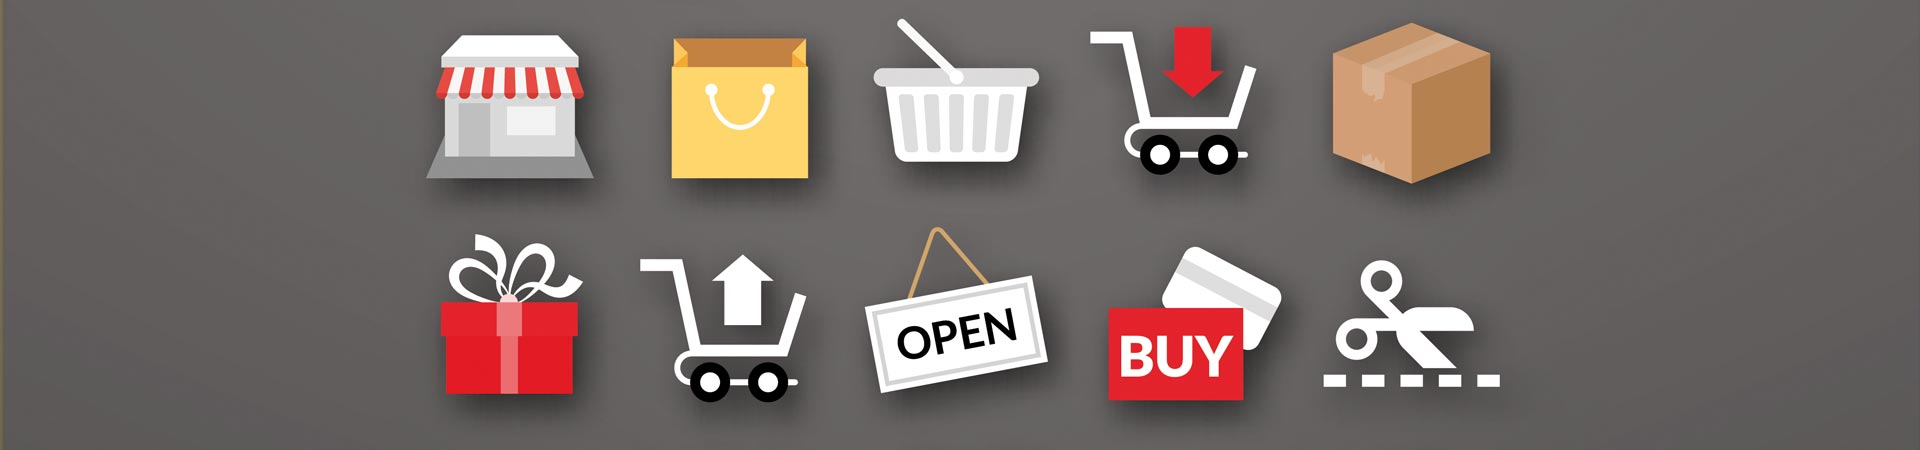 Kundenumfragen für E-Commerce Unternehmen und Online-Shops